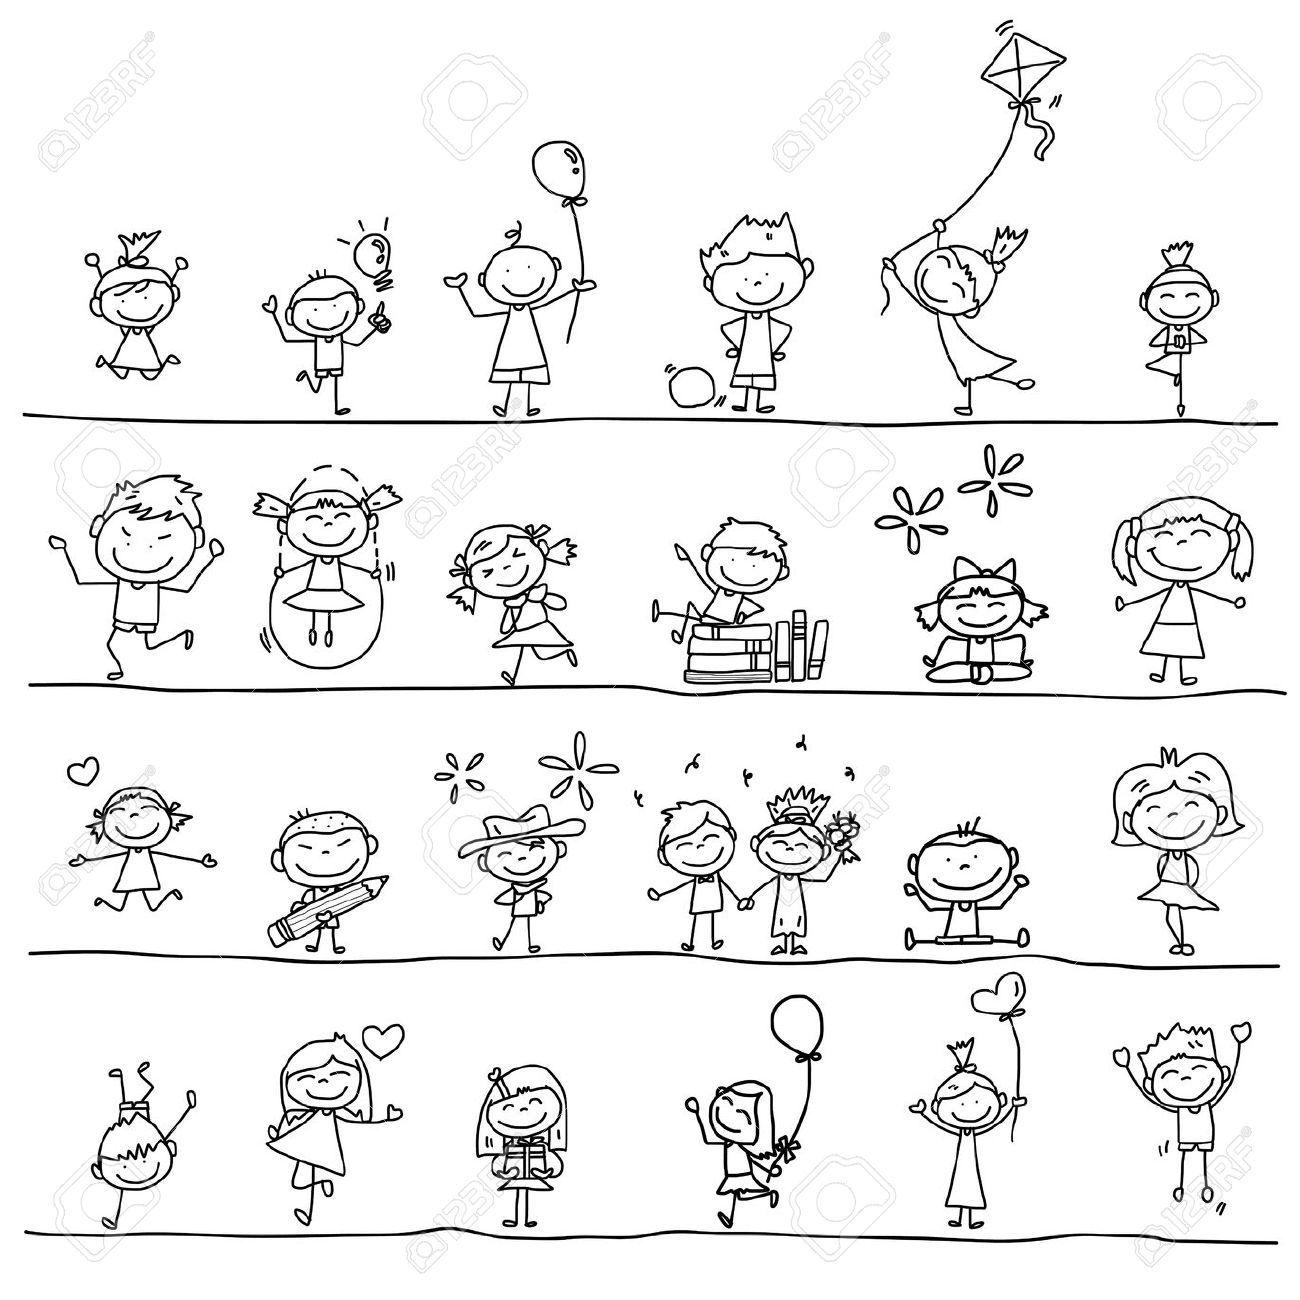 Dessin Personnage Facile Recherche Google Dessin Cartoon